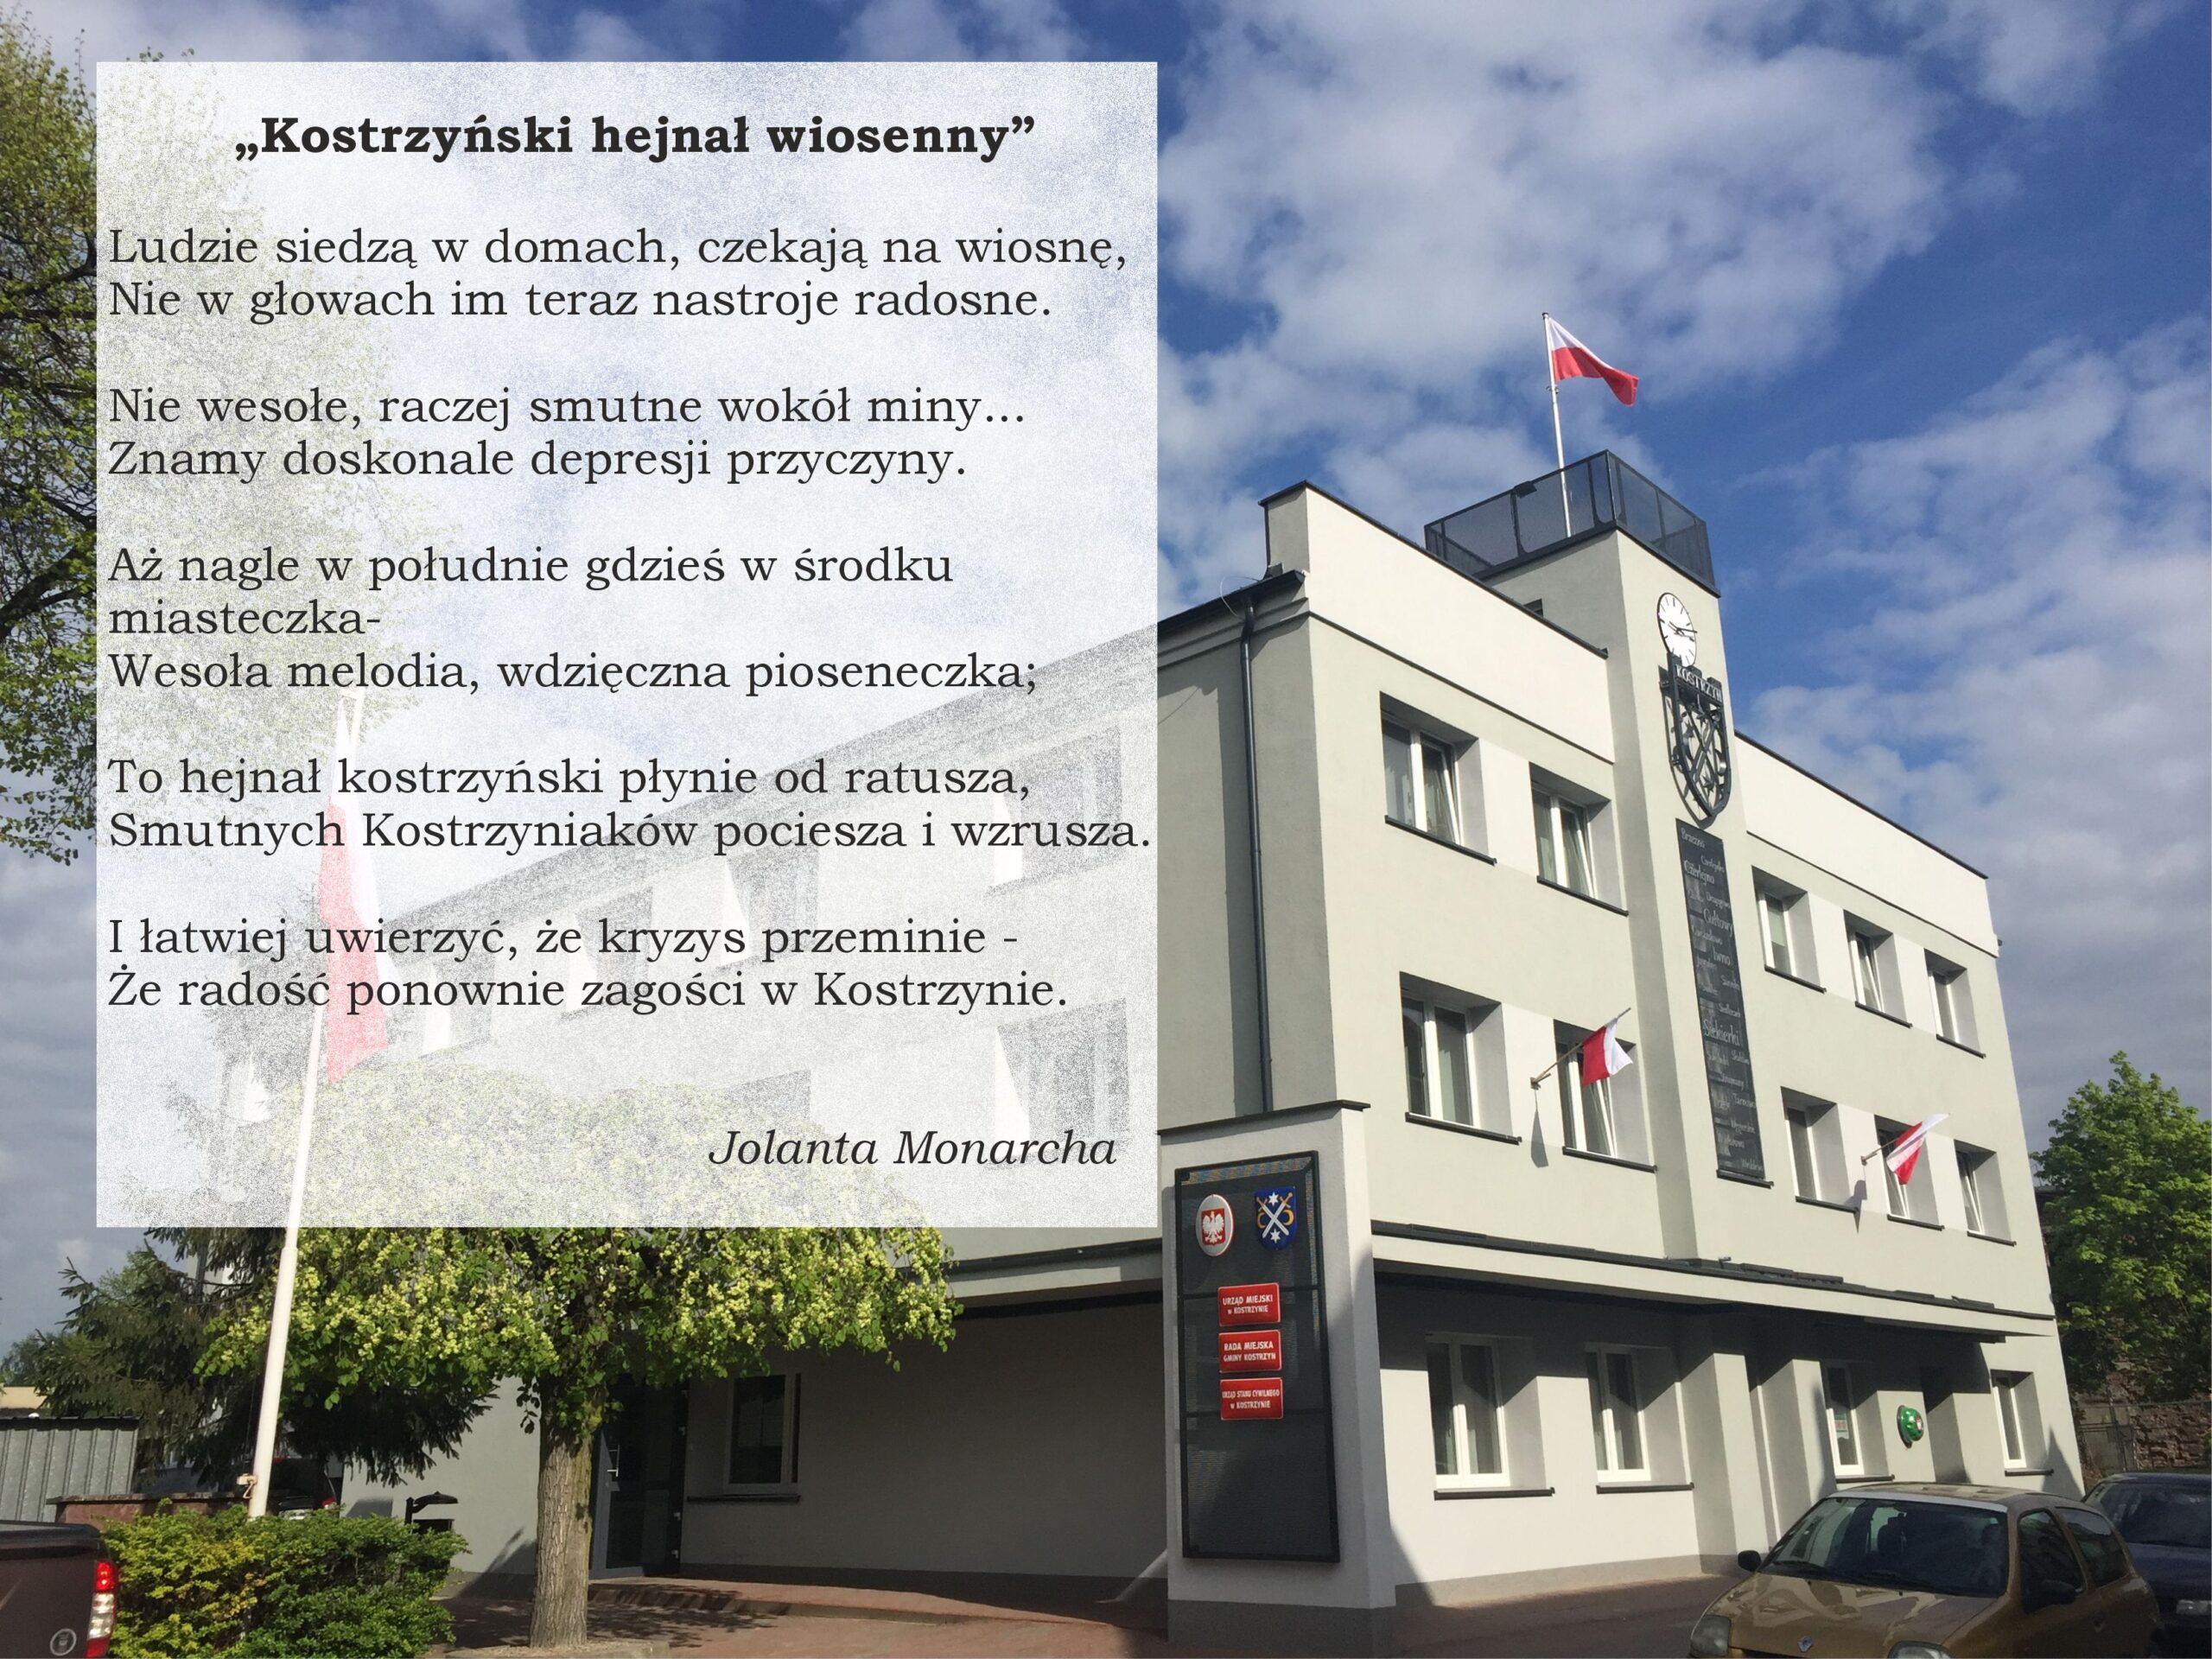 """zdjęcie kostrzyńskiego ratusza, po lewej stronie zdjęcia wiersz """"Kostrzynski hejnał wiosenny"""